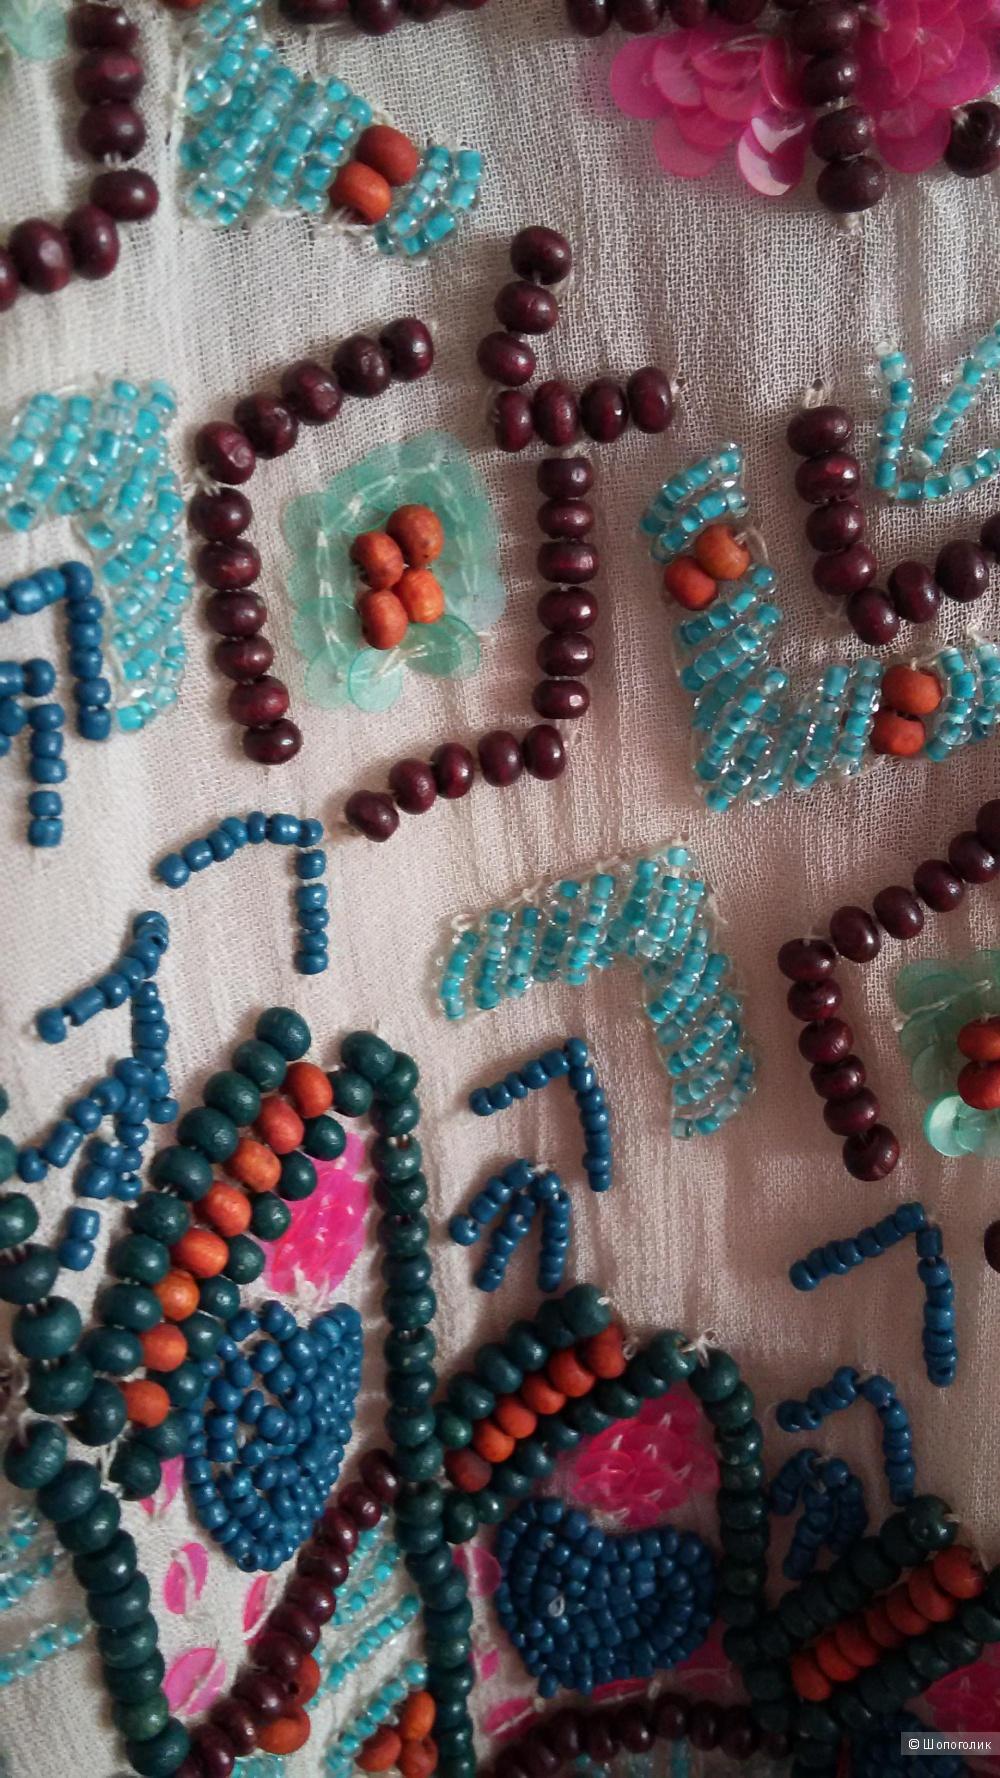 FRENCH CONNECTION красивое платье расшитое бусинами и бисером.Новое .Оригинал. р. 44